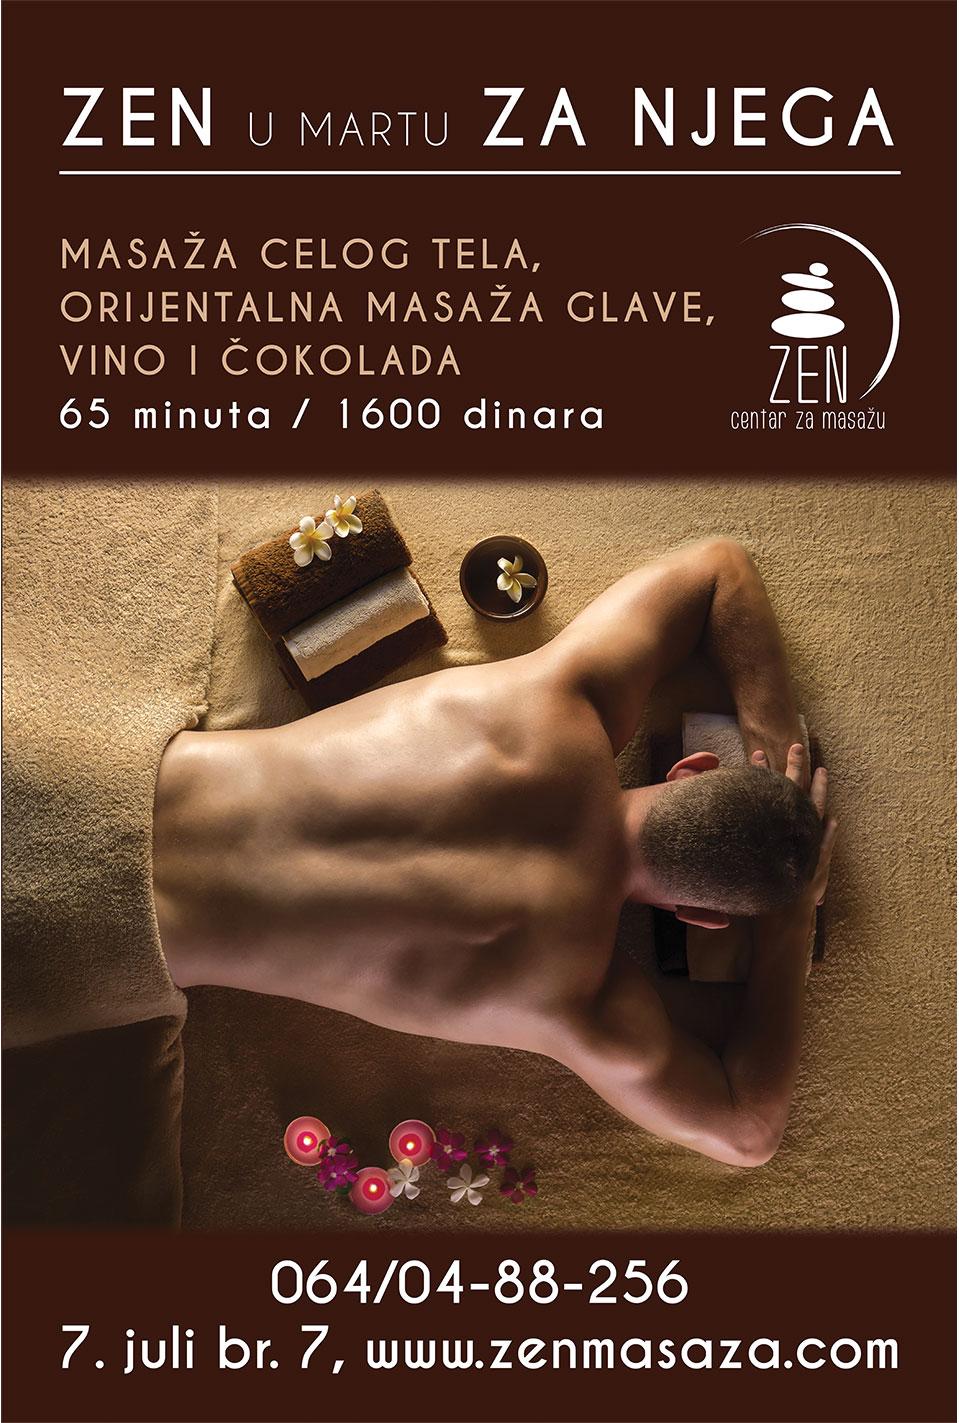 zen poster 2